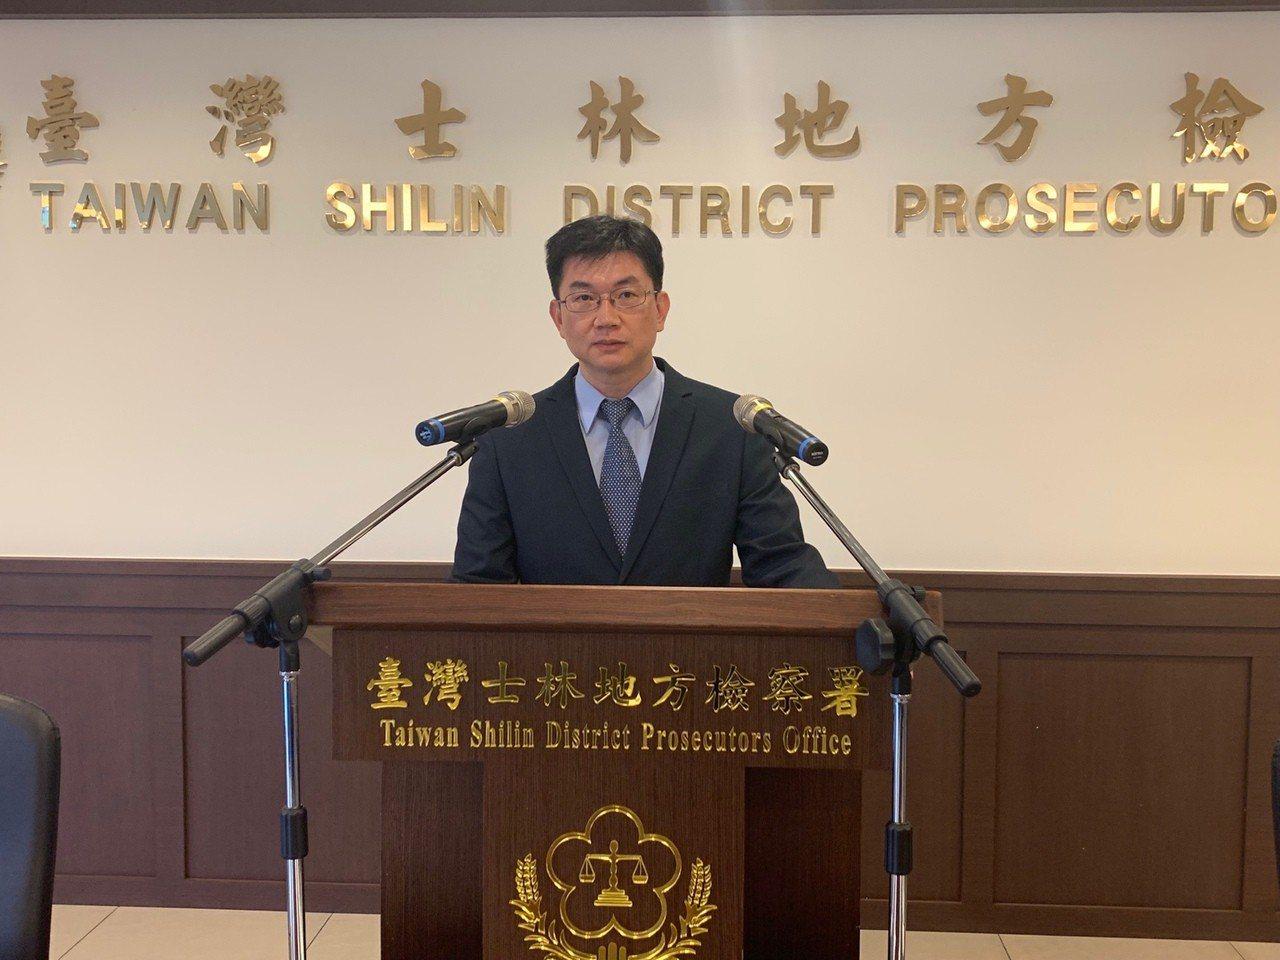 浩鼎內線交易案一審無罪,士林地檢署今日決定提出上訴。記者蕭雅娟/攝影